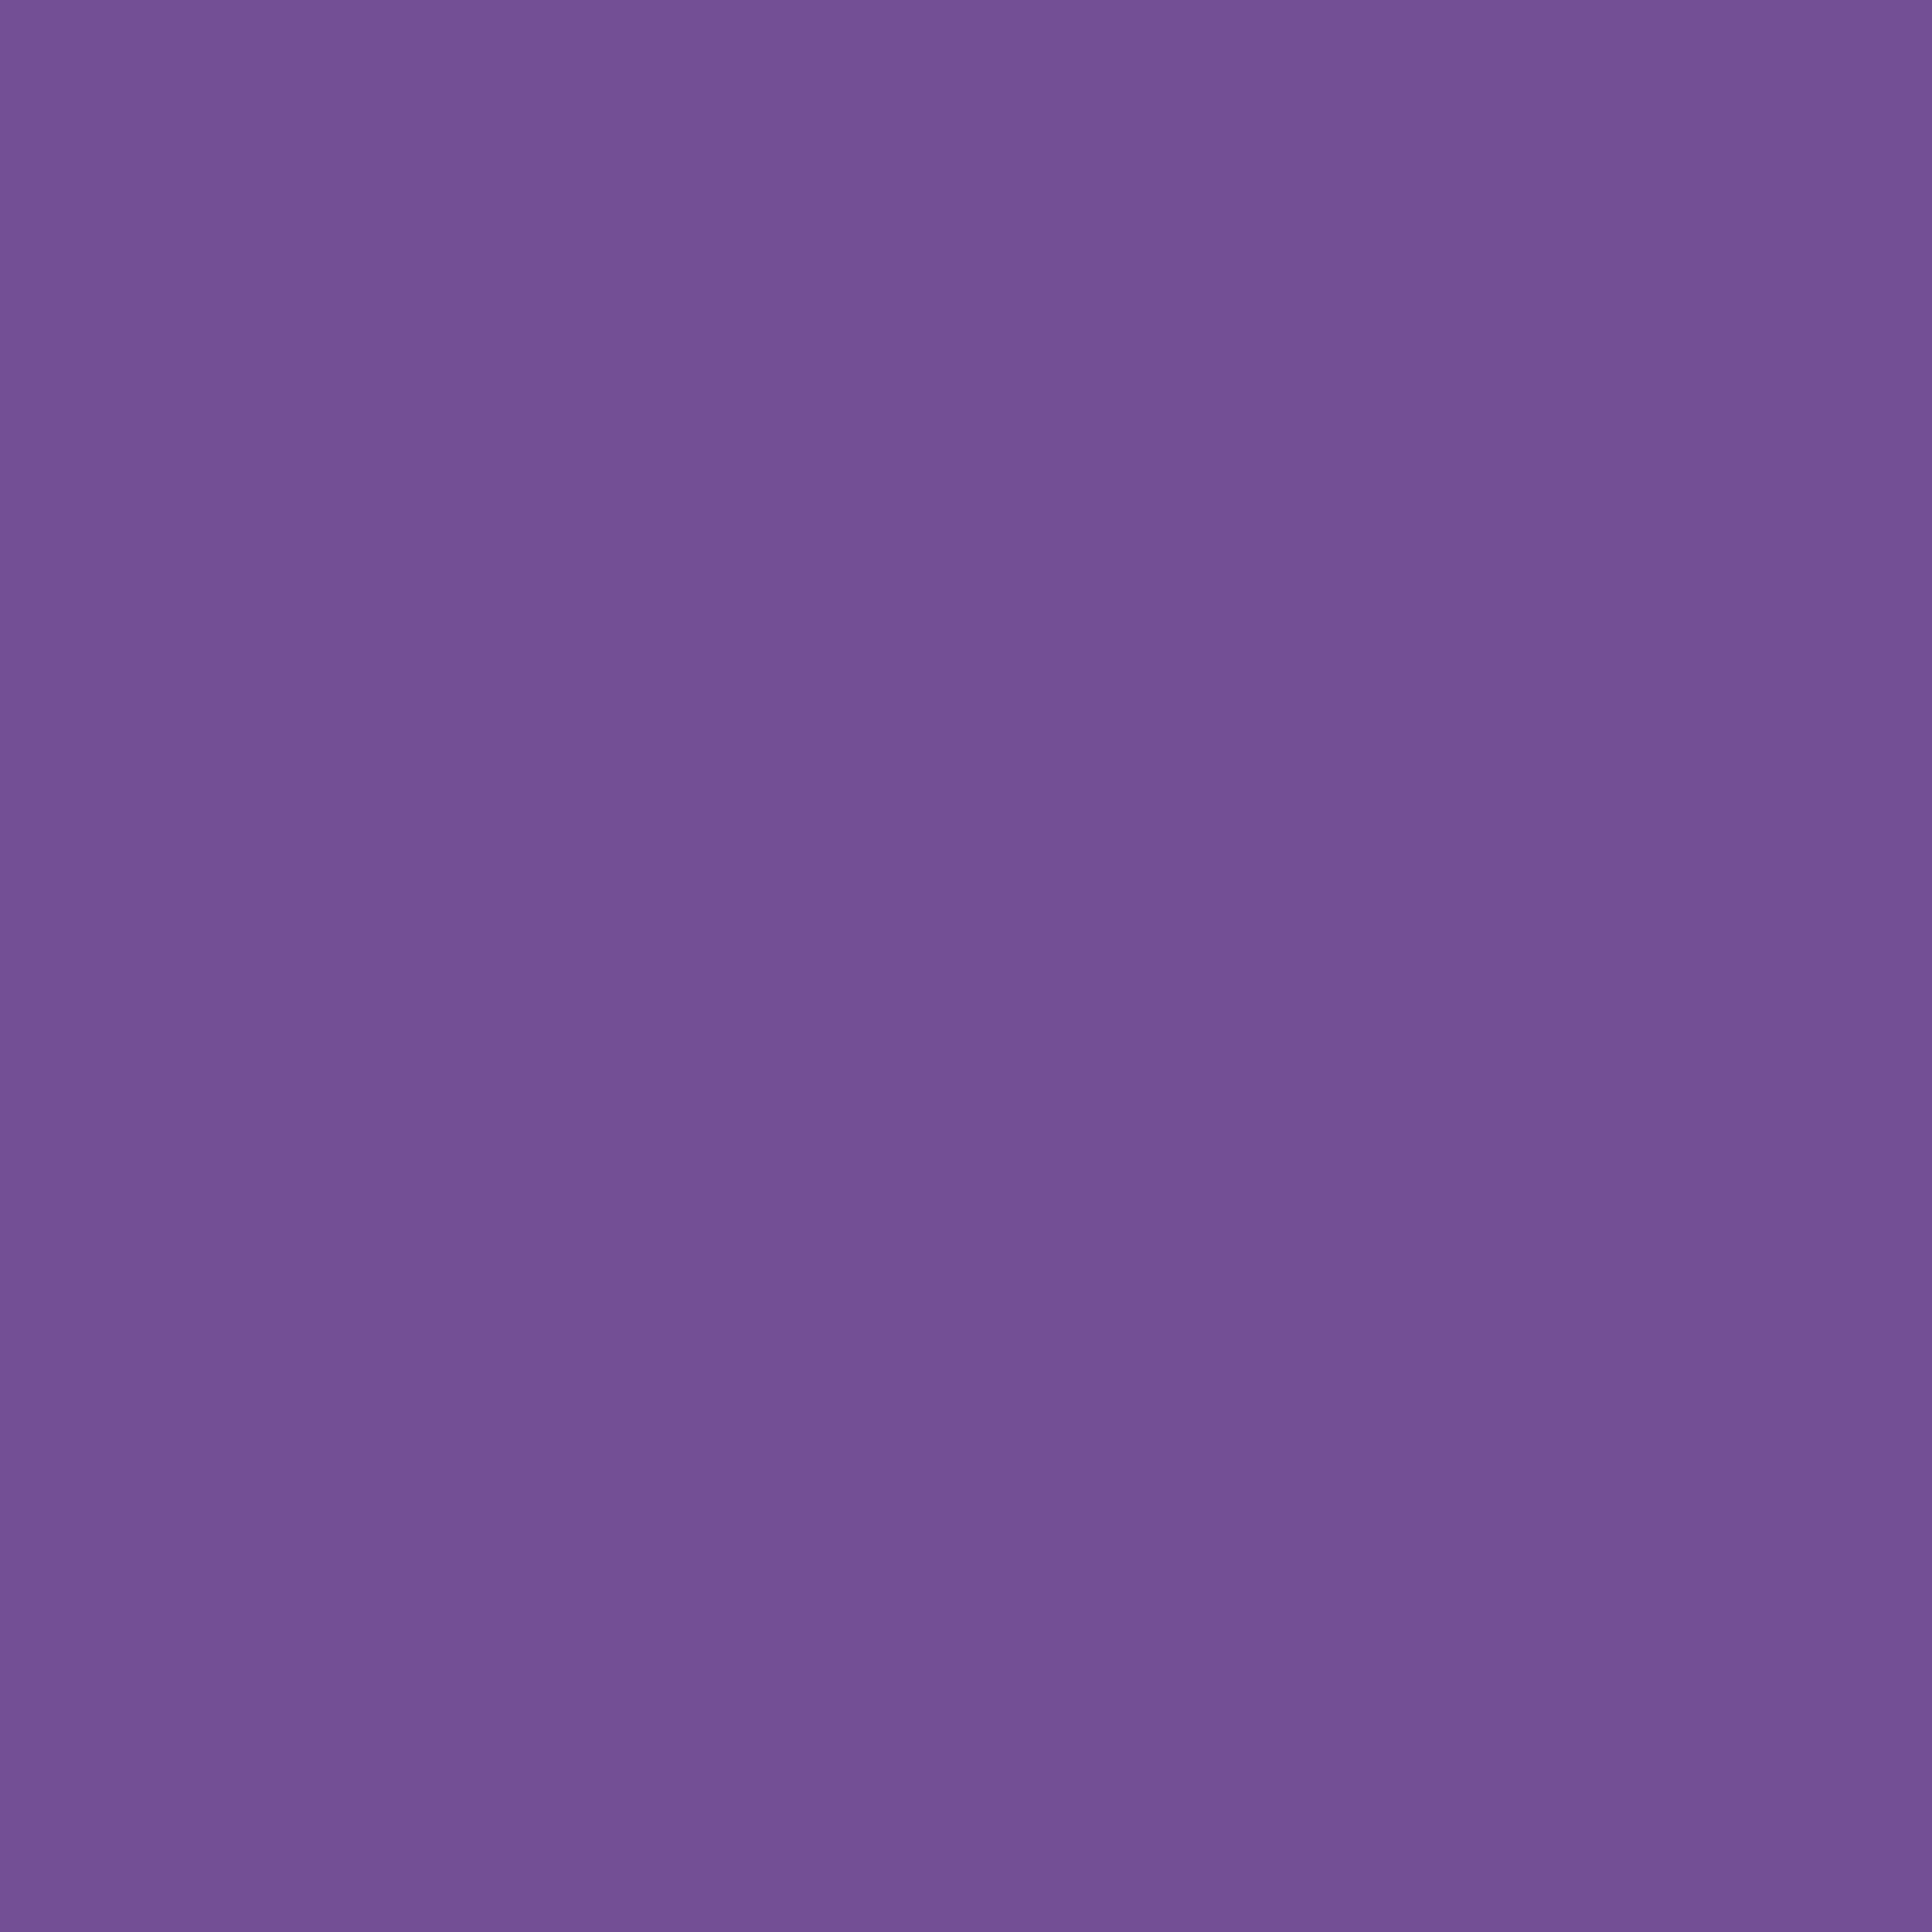 2732x2732 Dark Lavender Solid Color Background